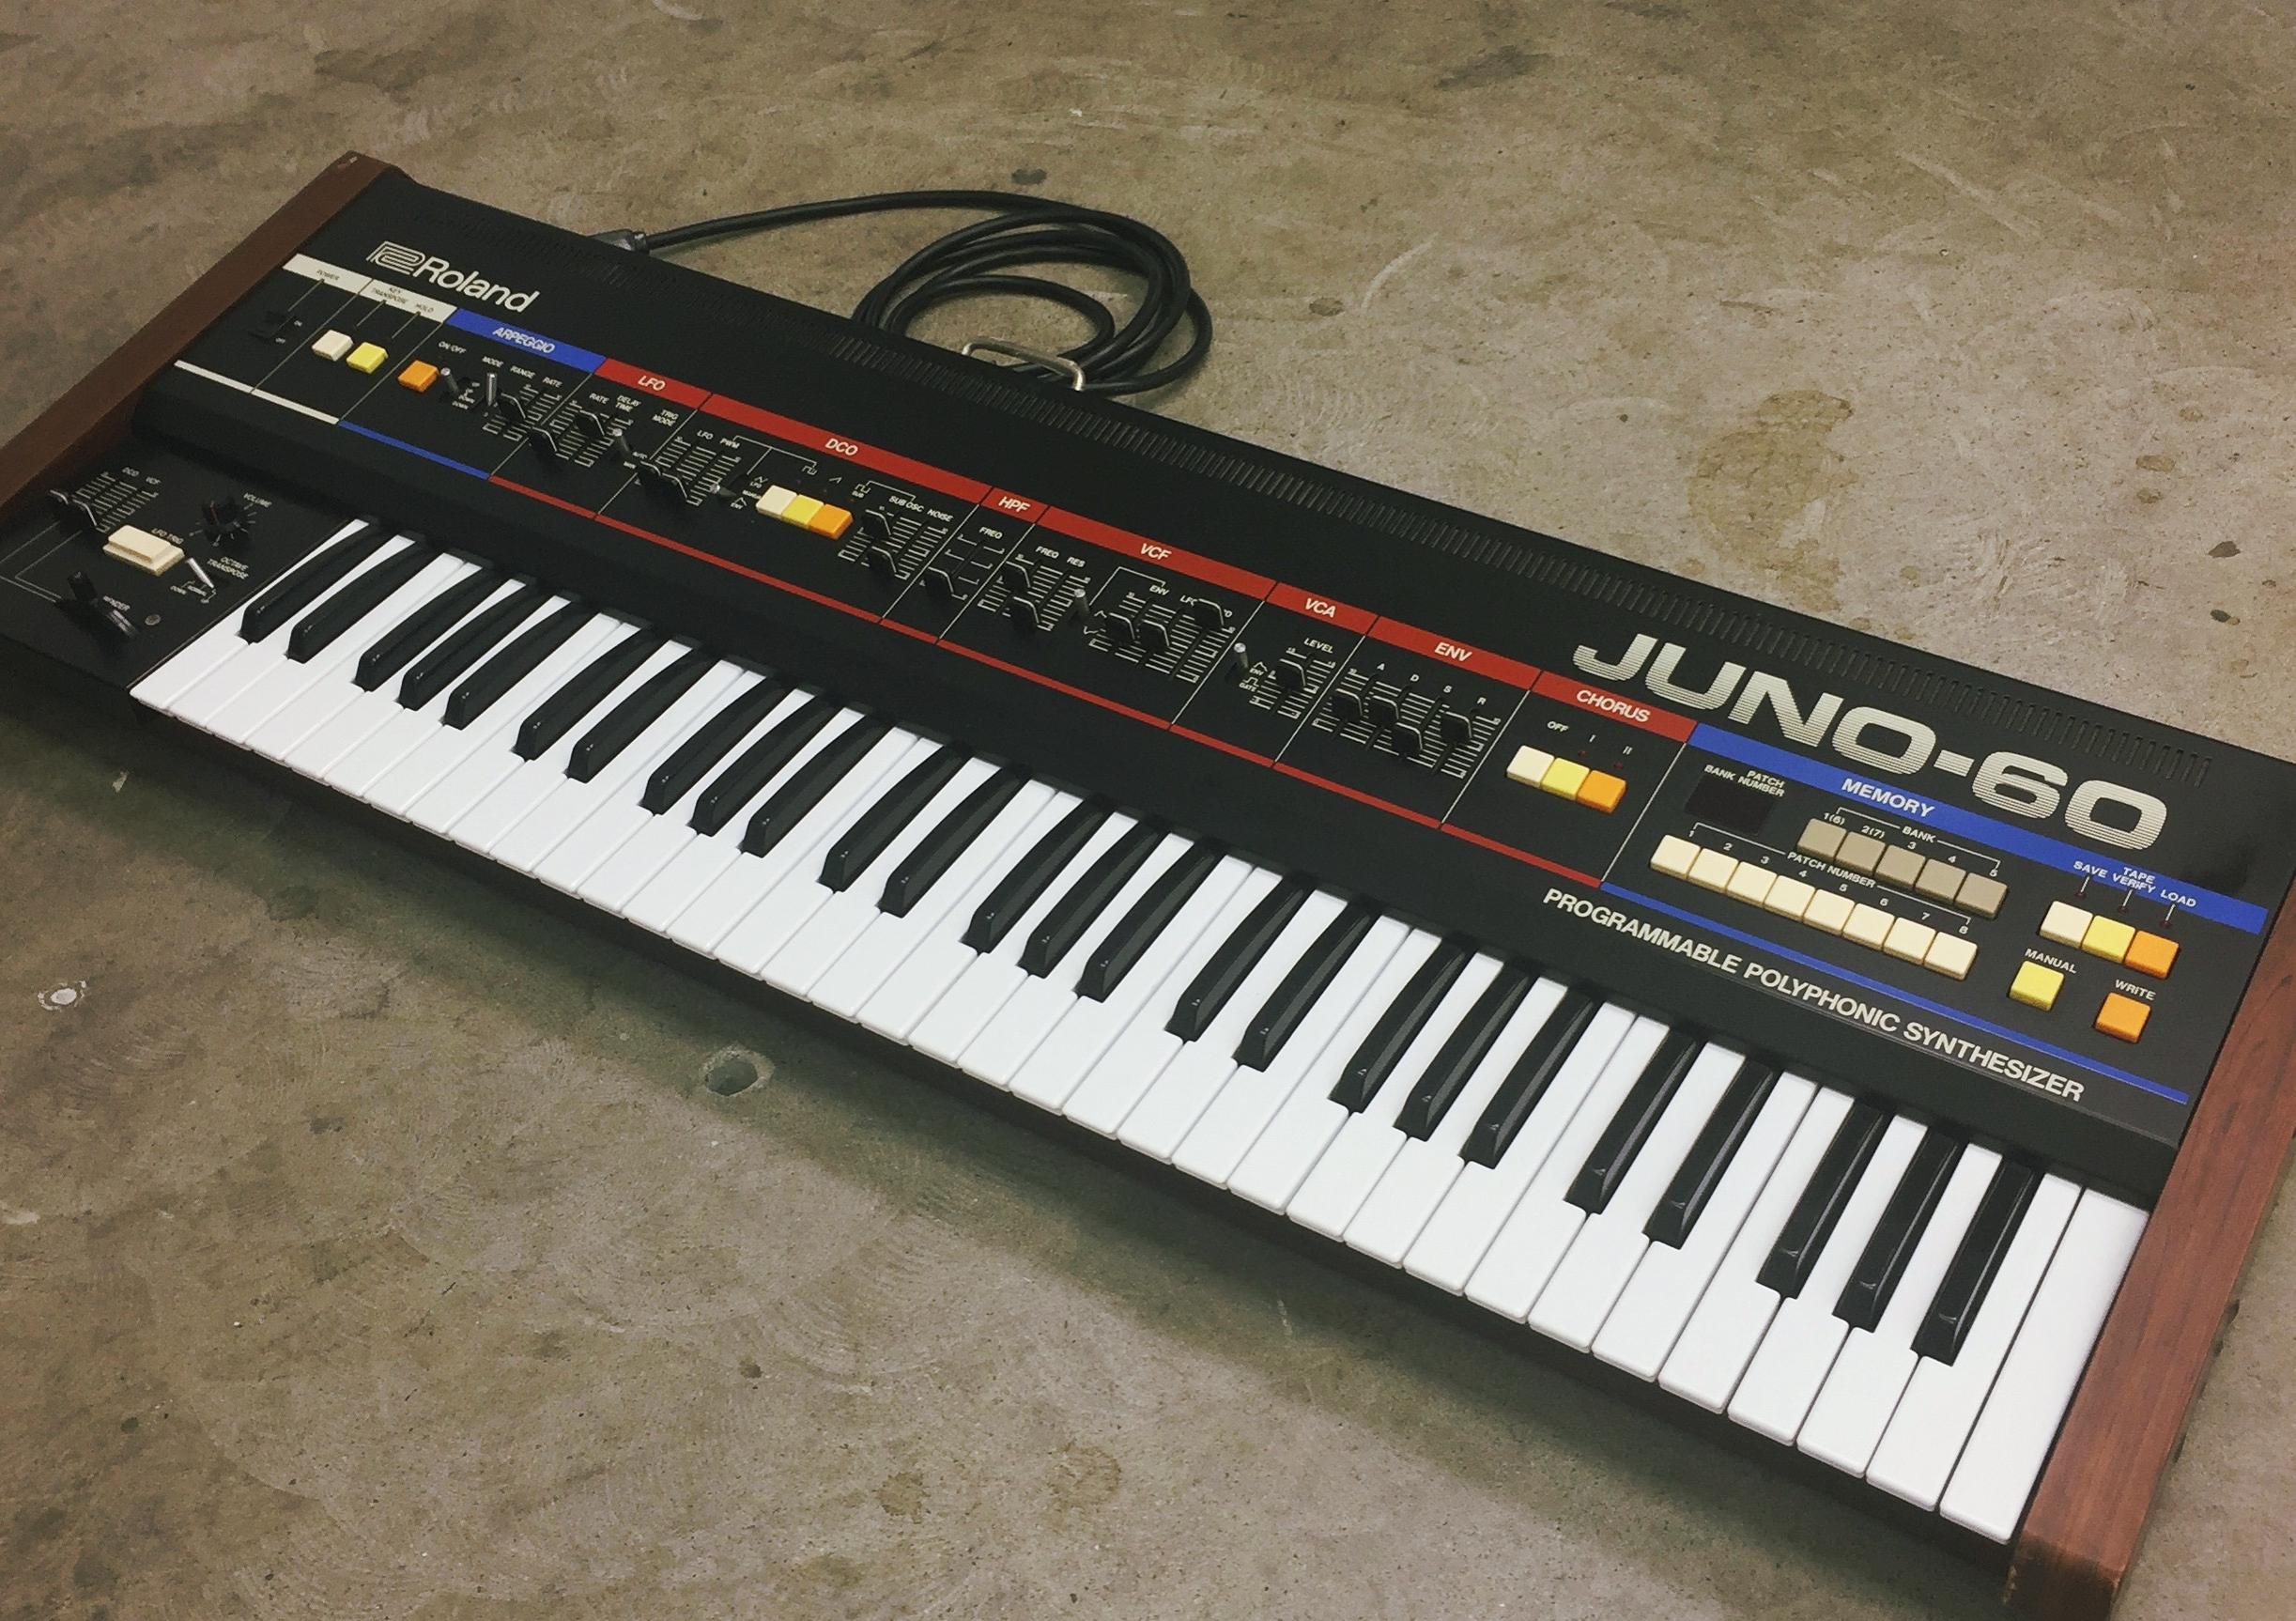 Roland Juno 60 Vintage Synthesizer Nightlife Electronics